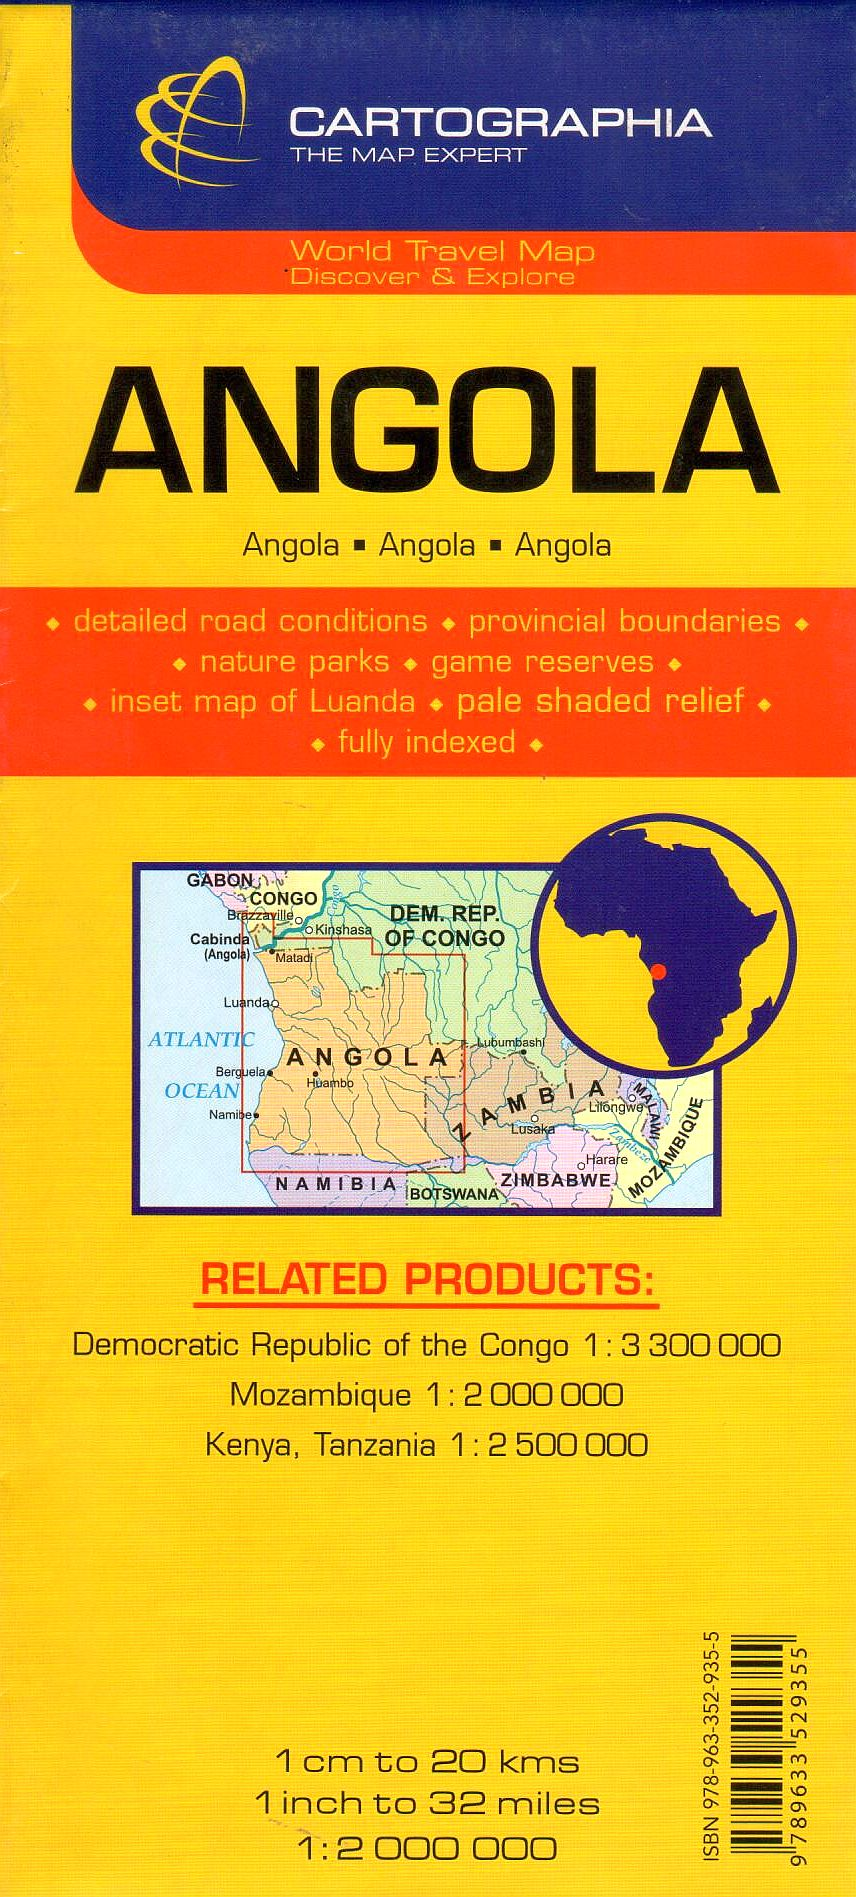 Az Angola térkép által lefedett terület